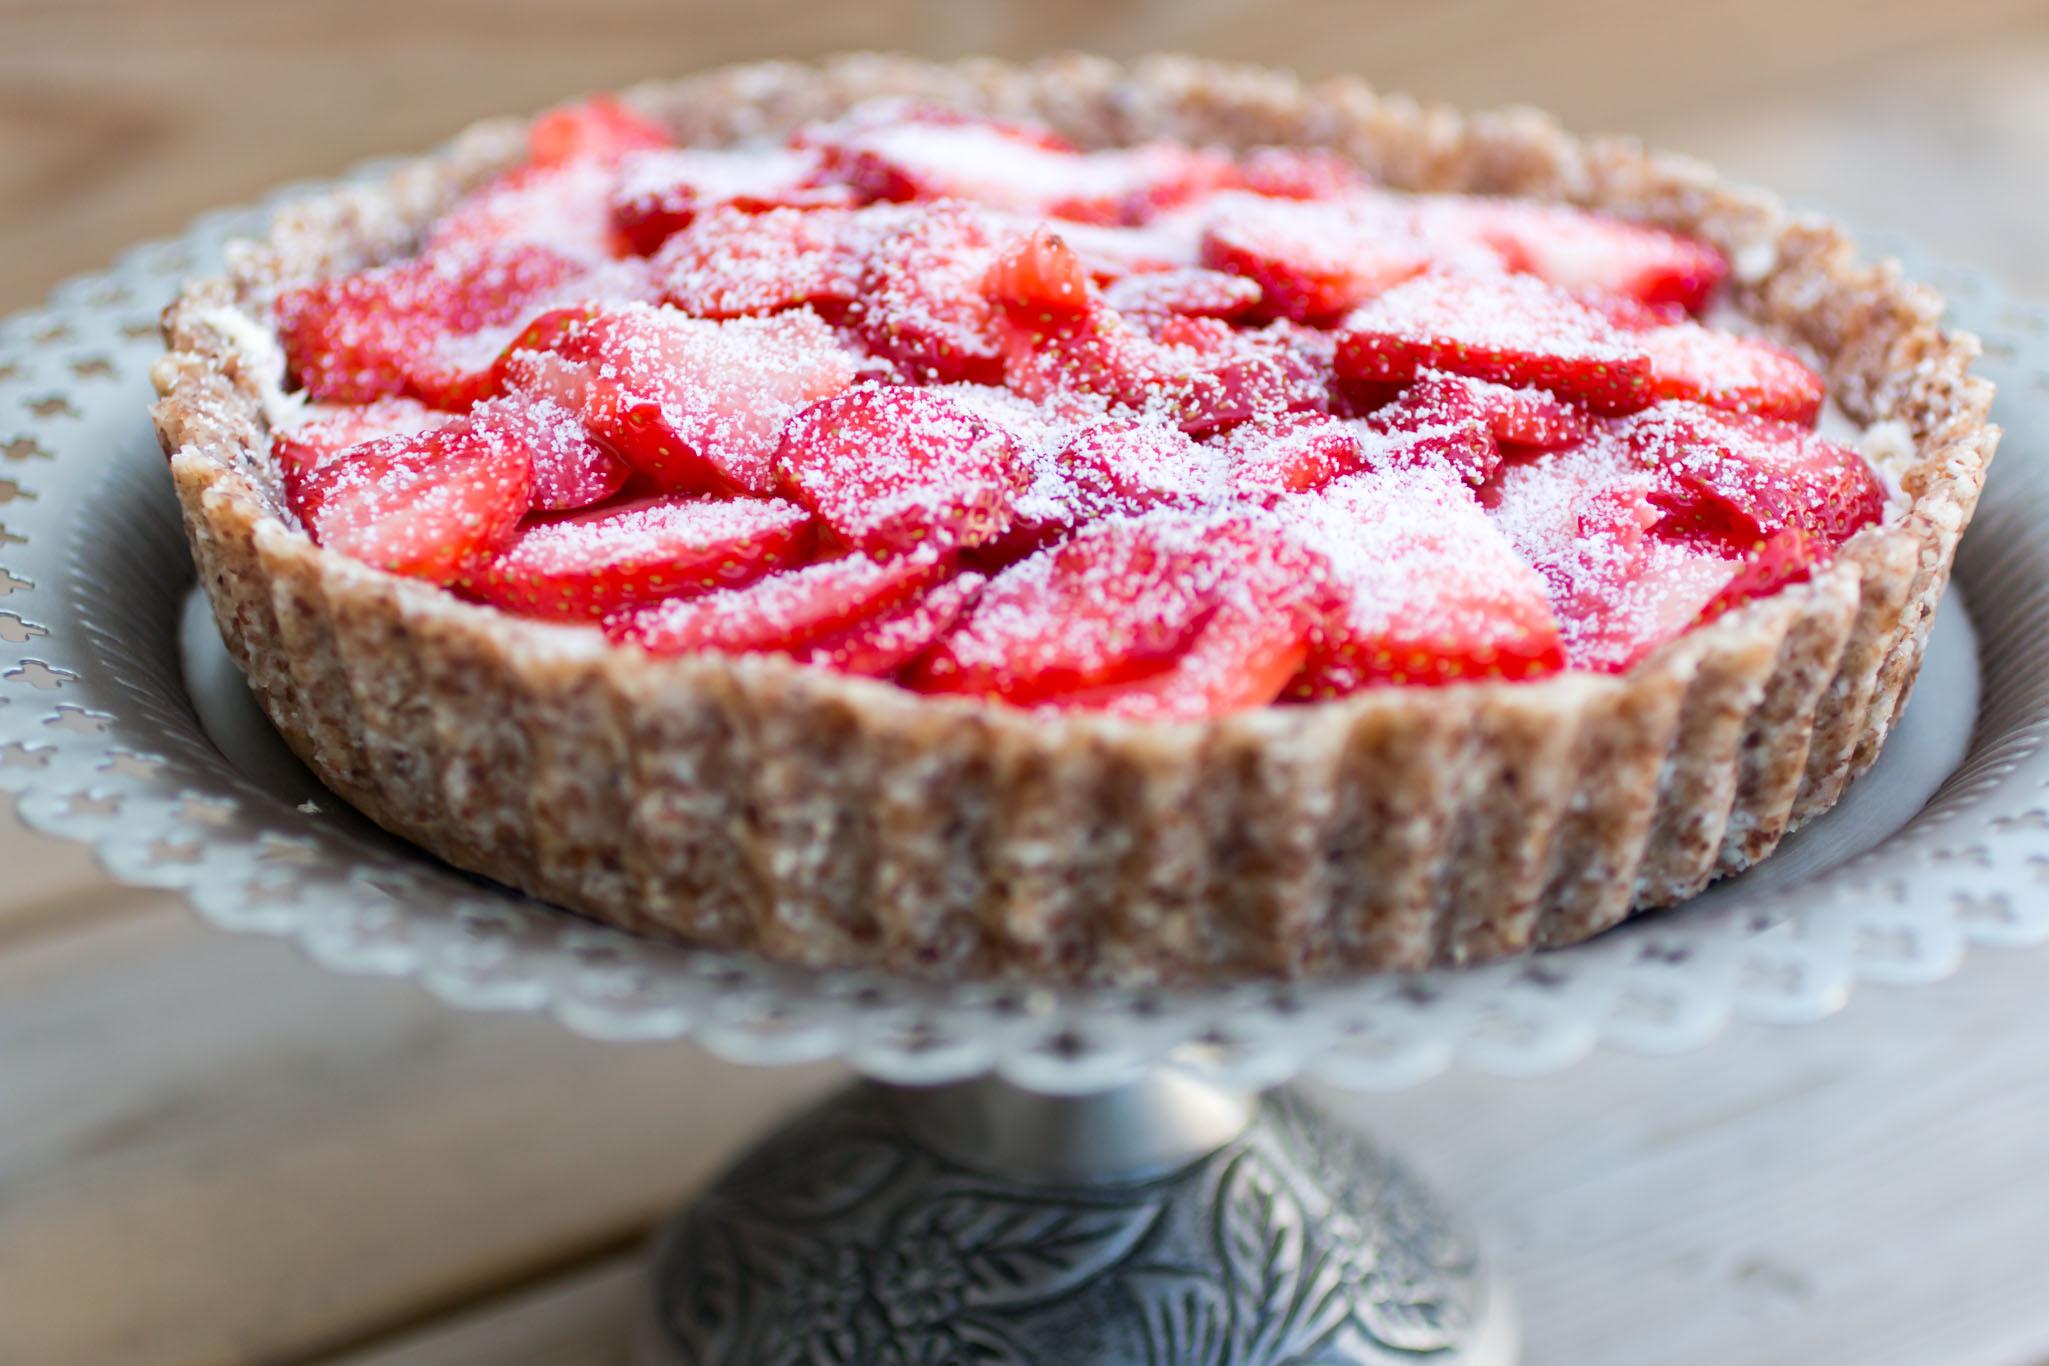 IMG_3574 Sommar tårta - Limekräm & jordgubbar